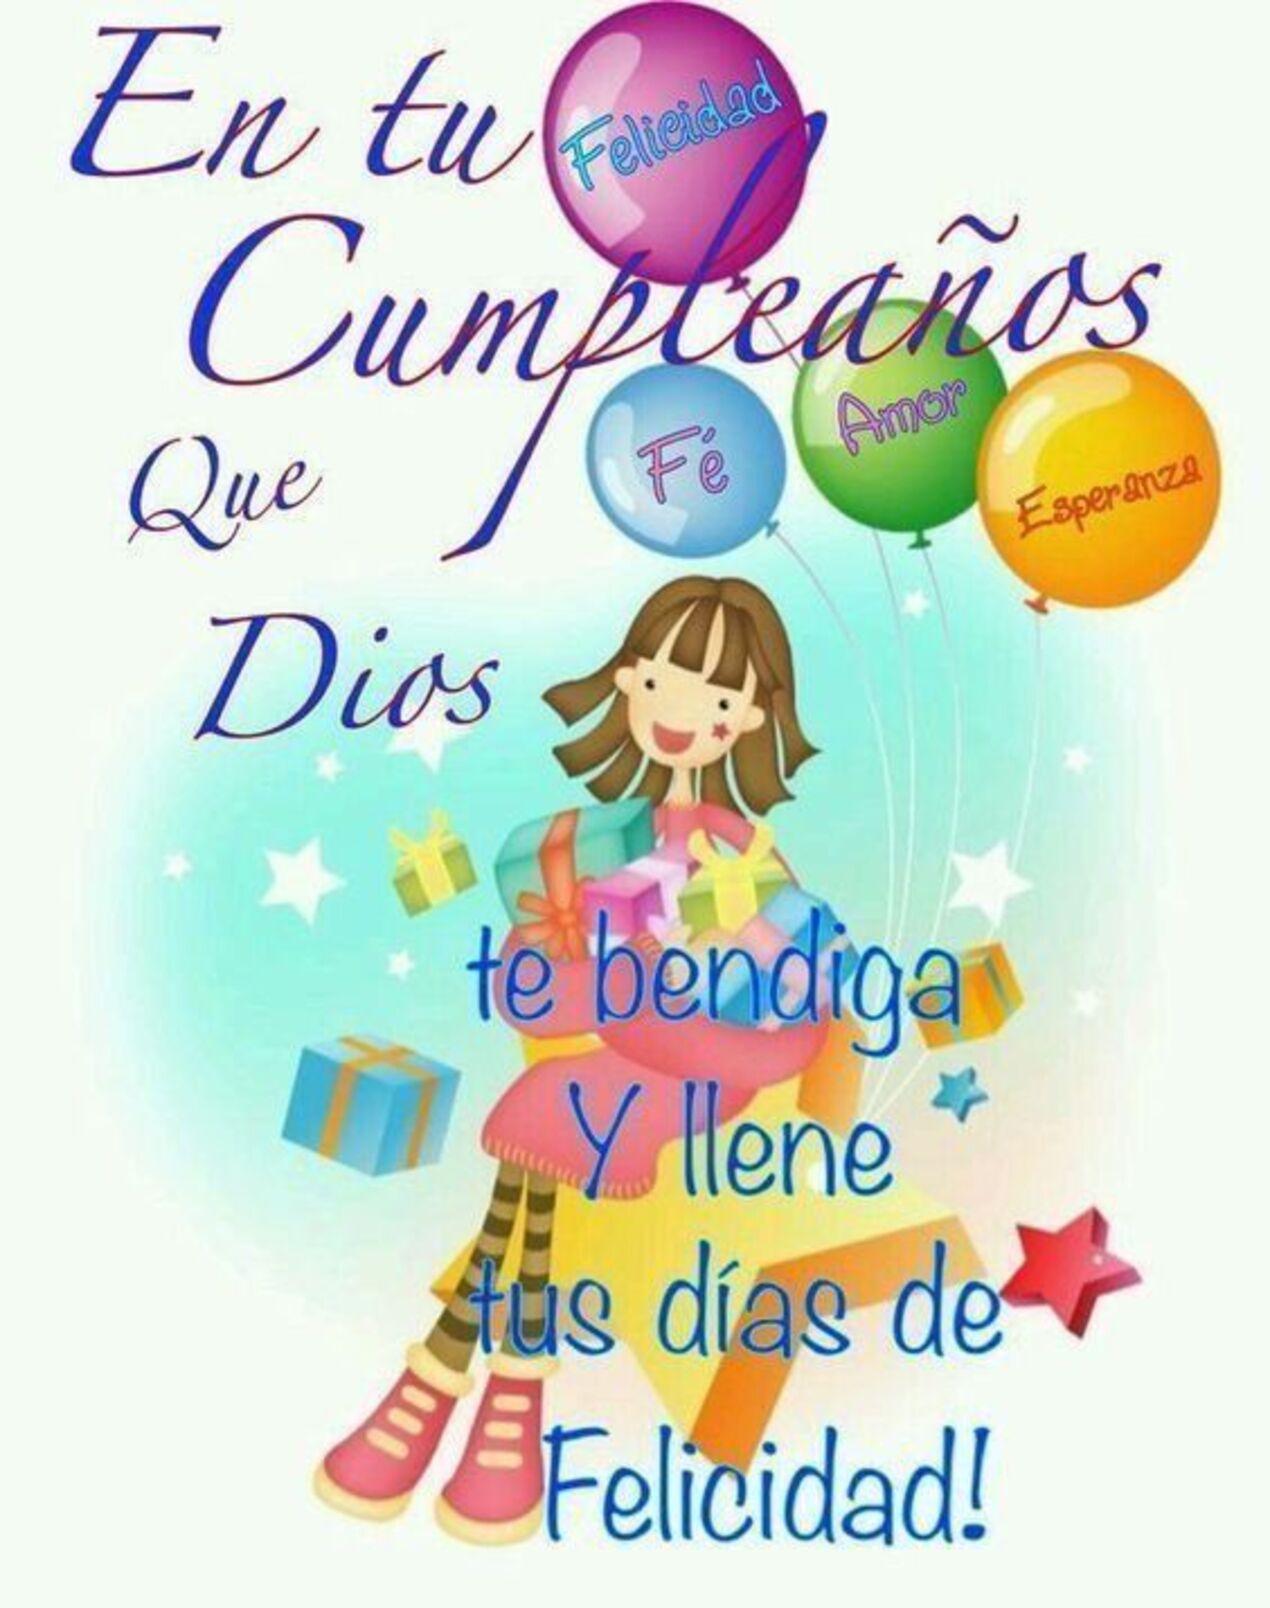 En tu cumpleaños que Dios te bendiga y llene tus días de felicidad!!